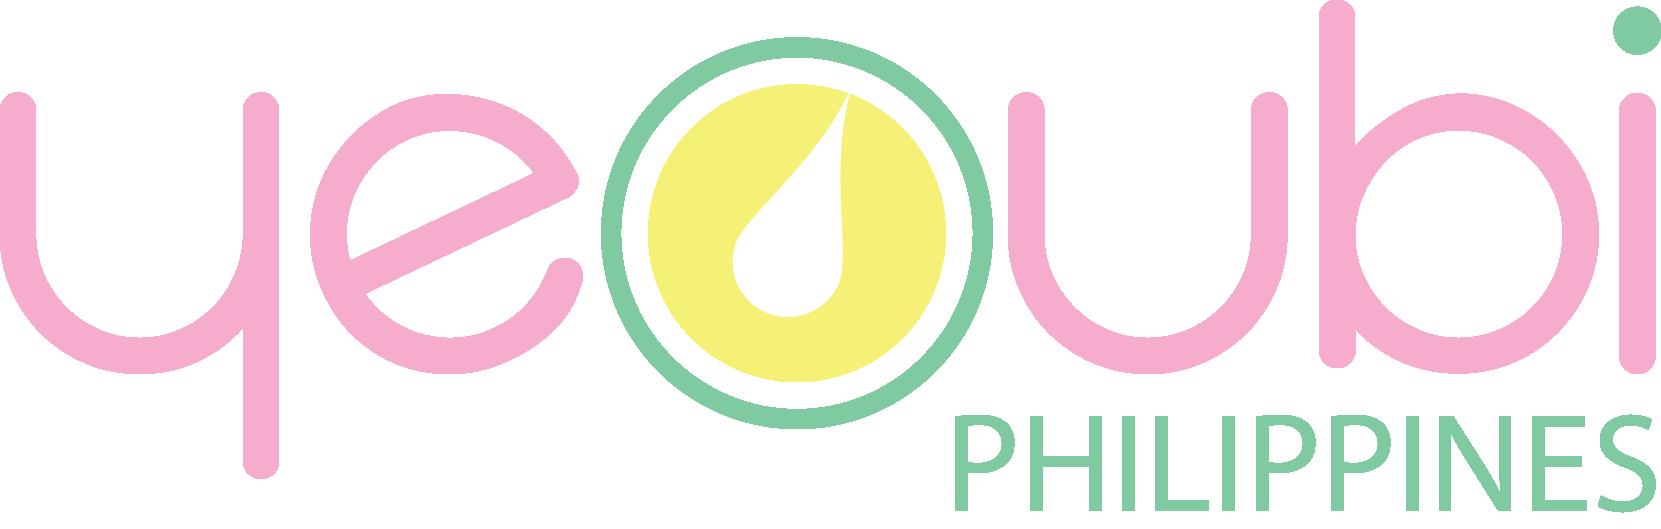 Yeoubi logo